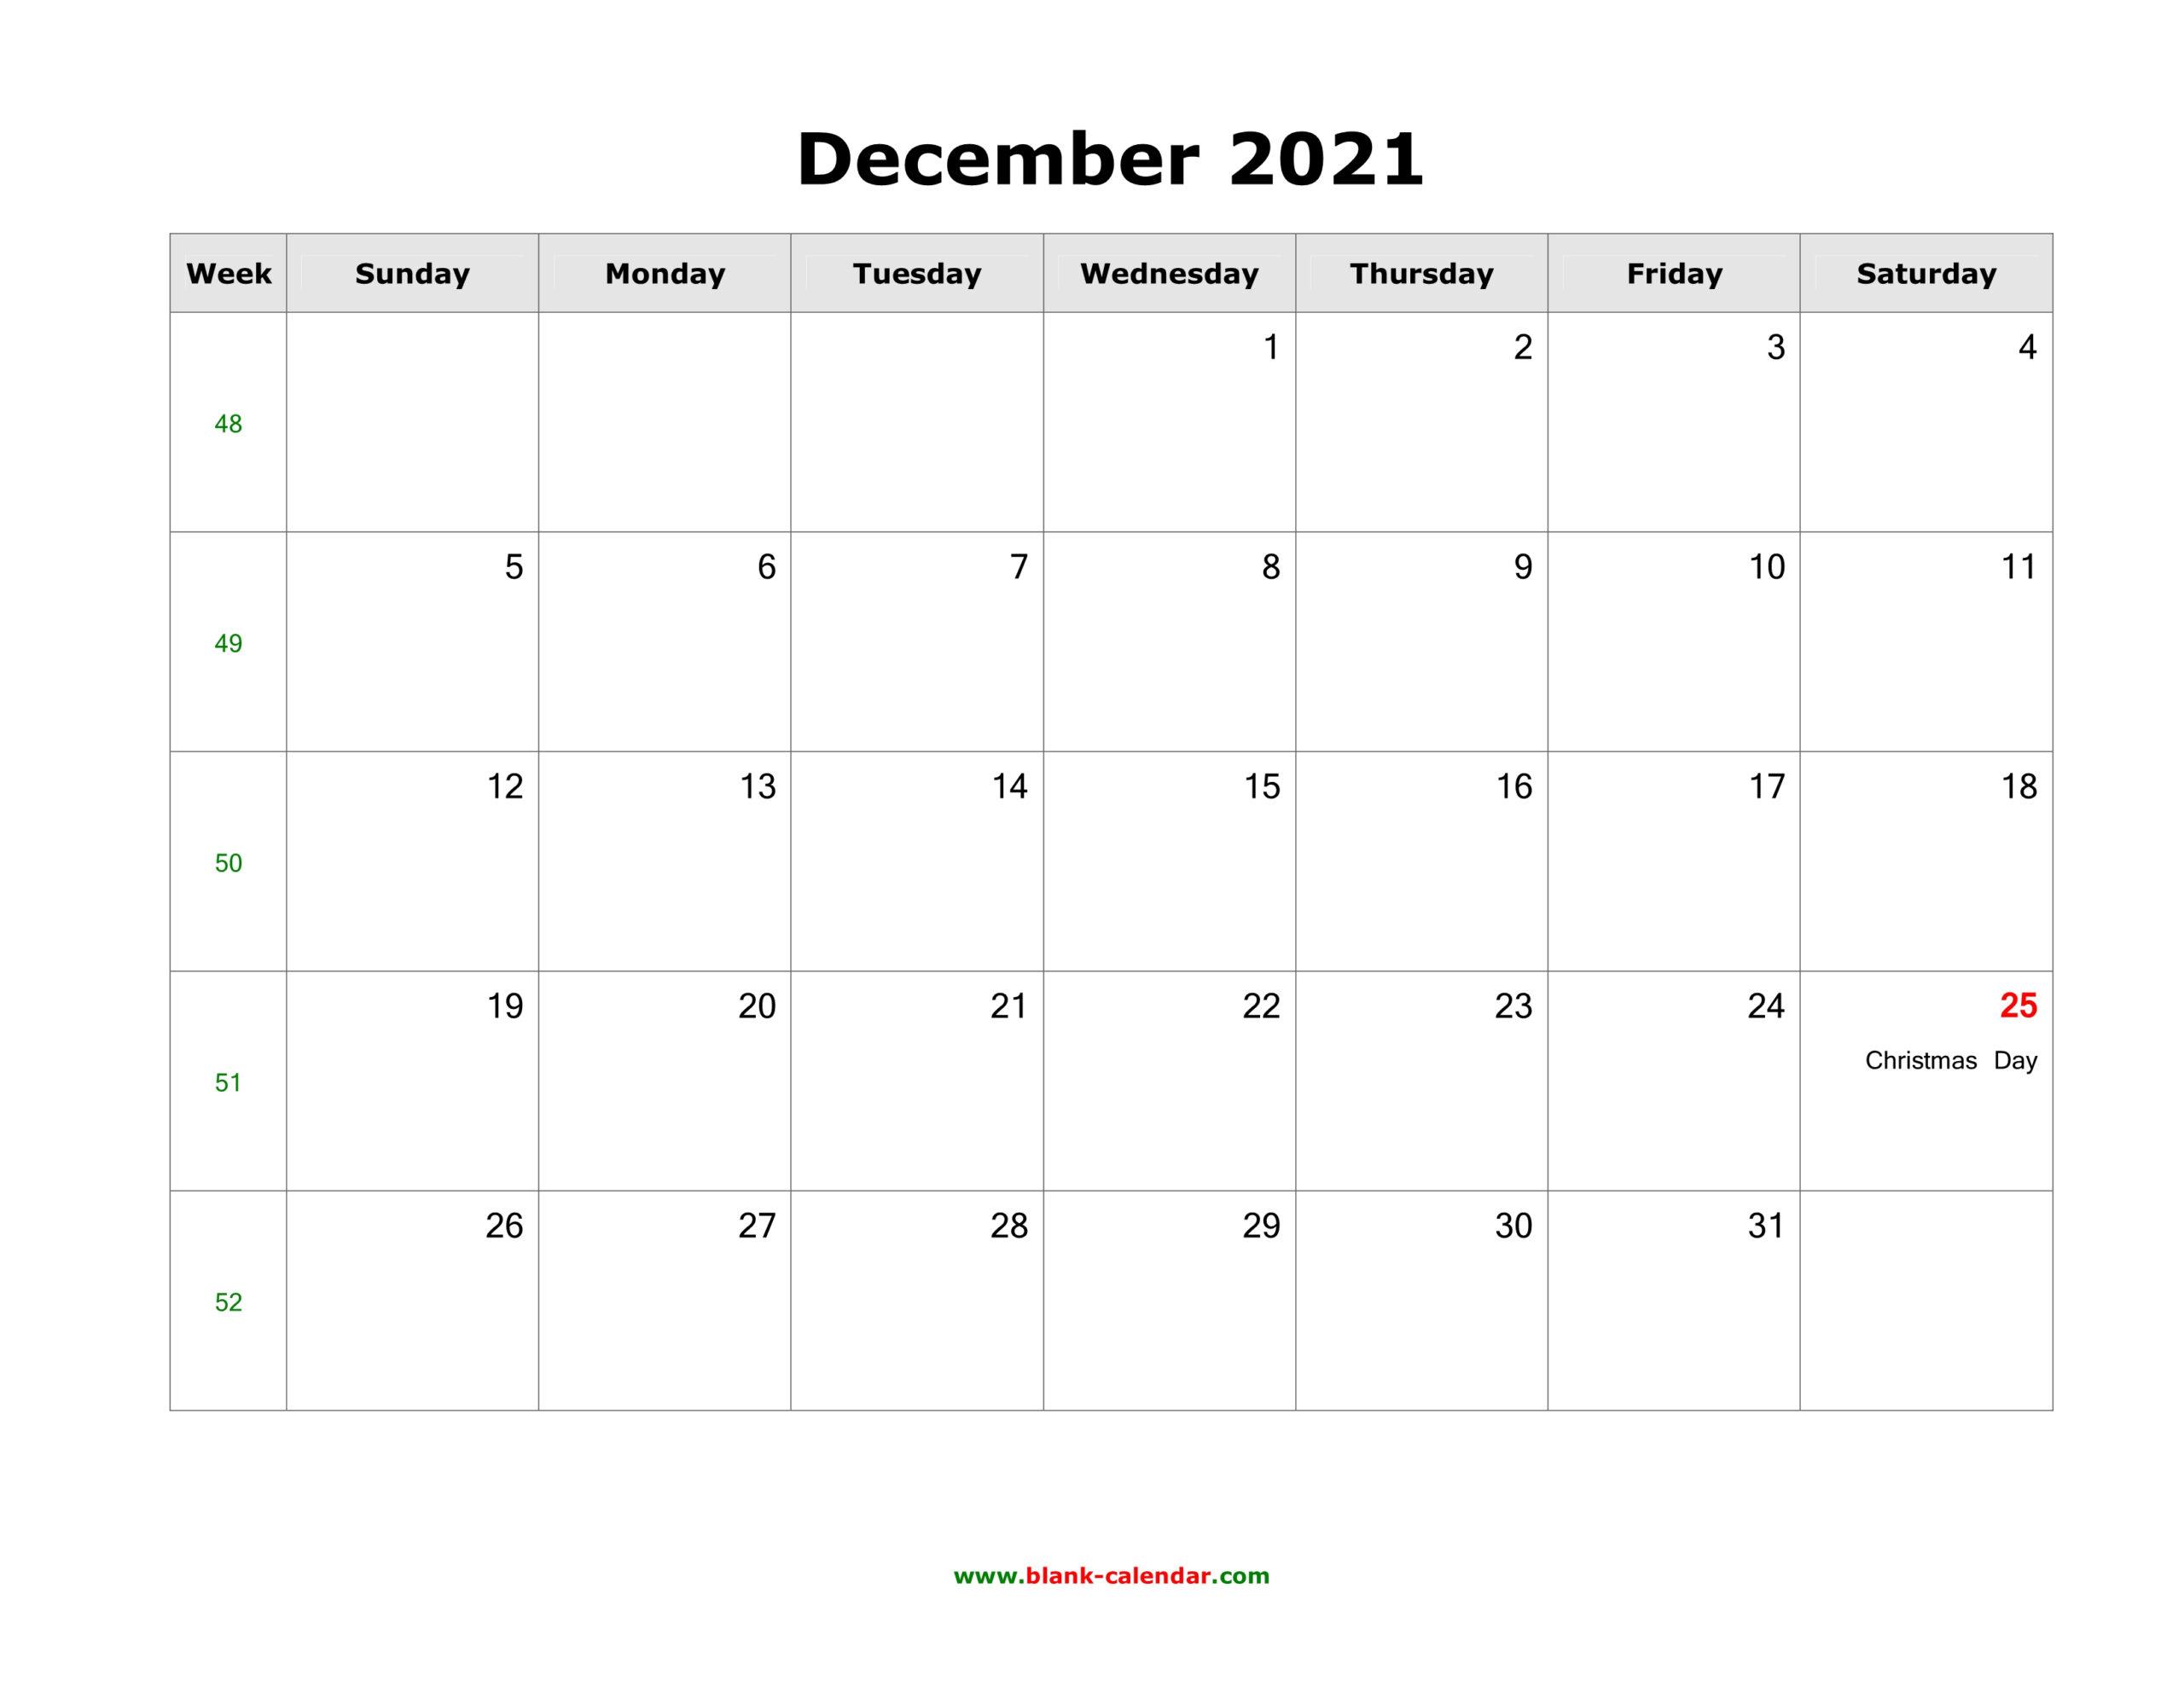 December 2021 Blank Calendar   Free Download Calendar Templates